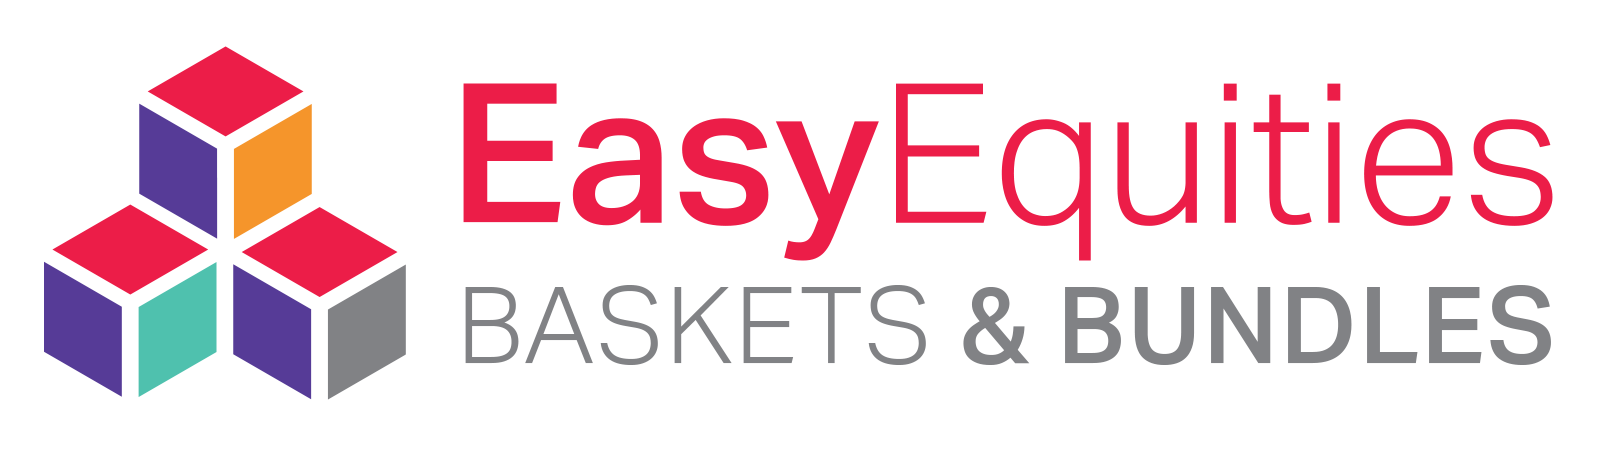 EE-Baskets-Bundles-logo